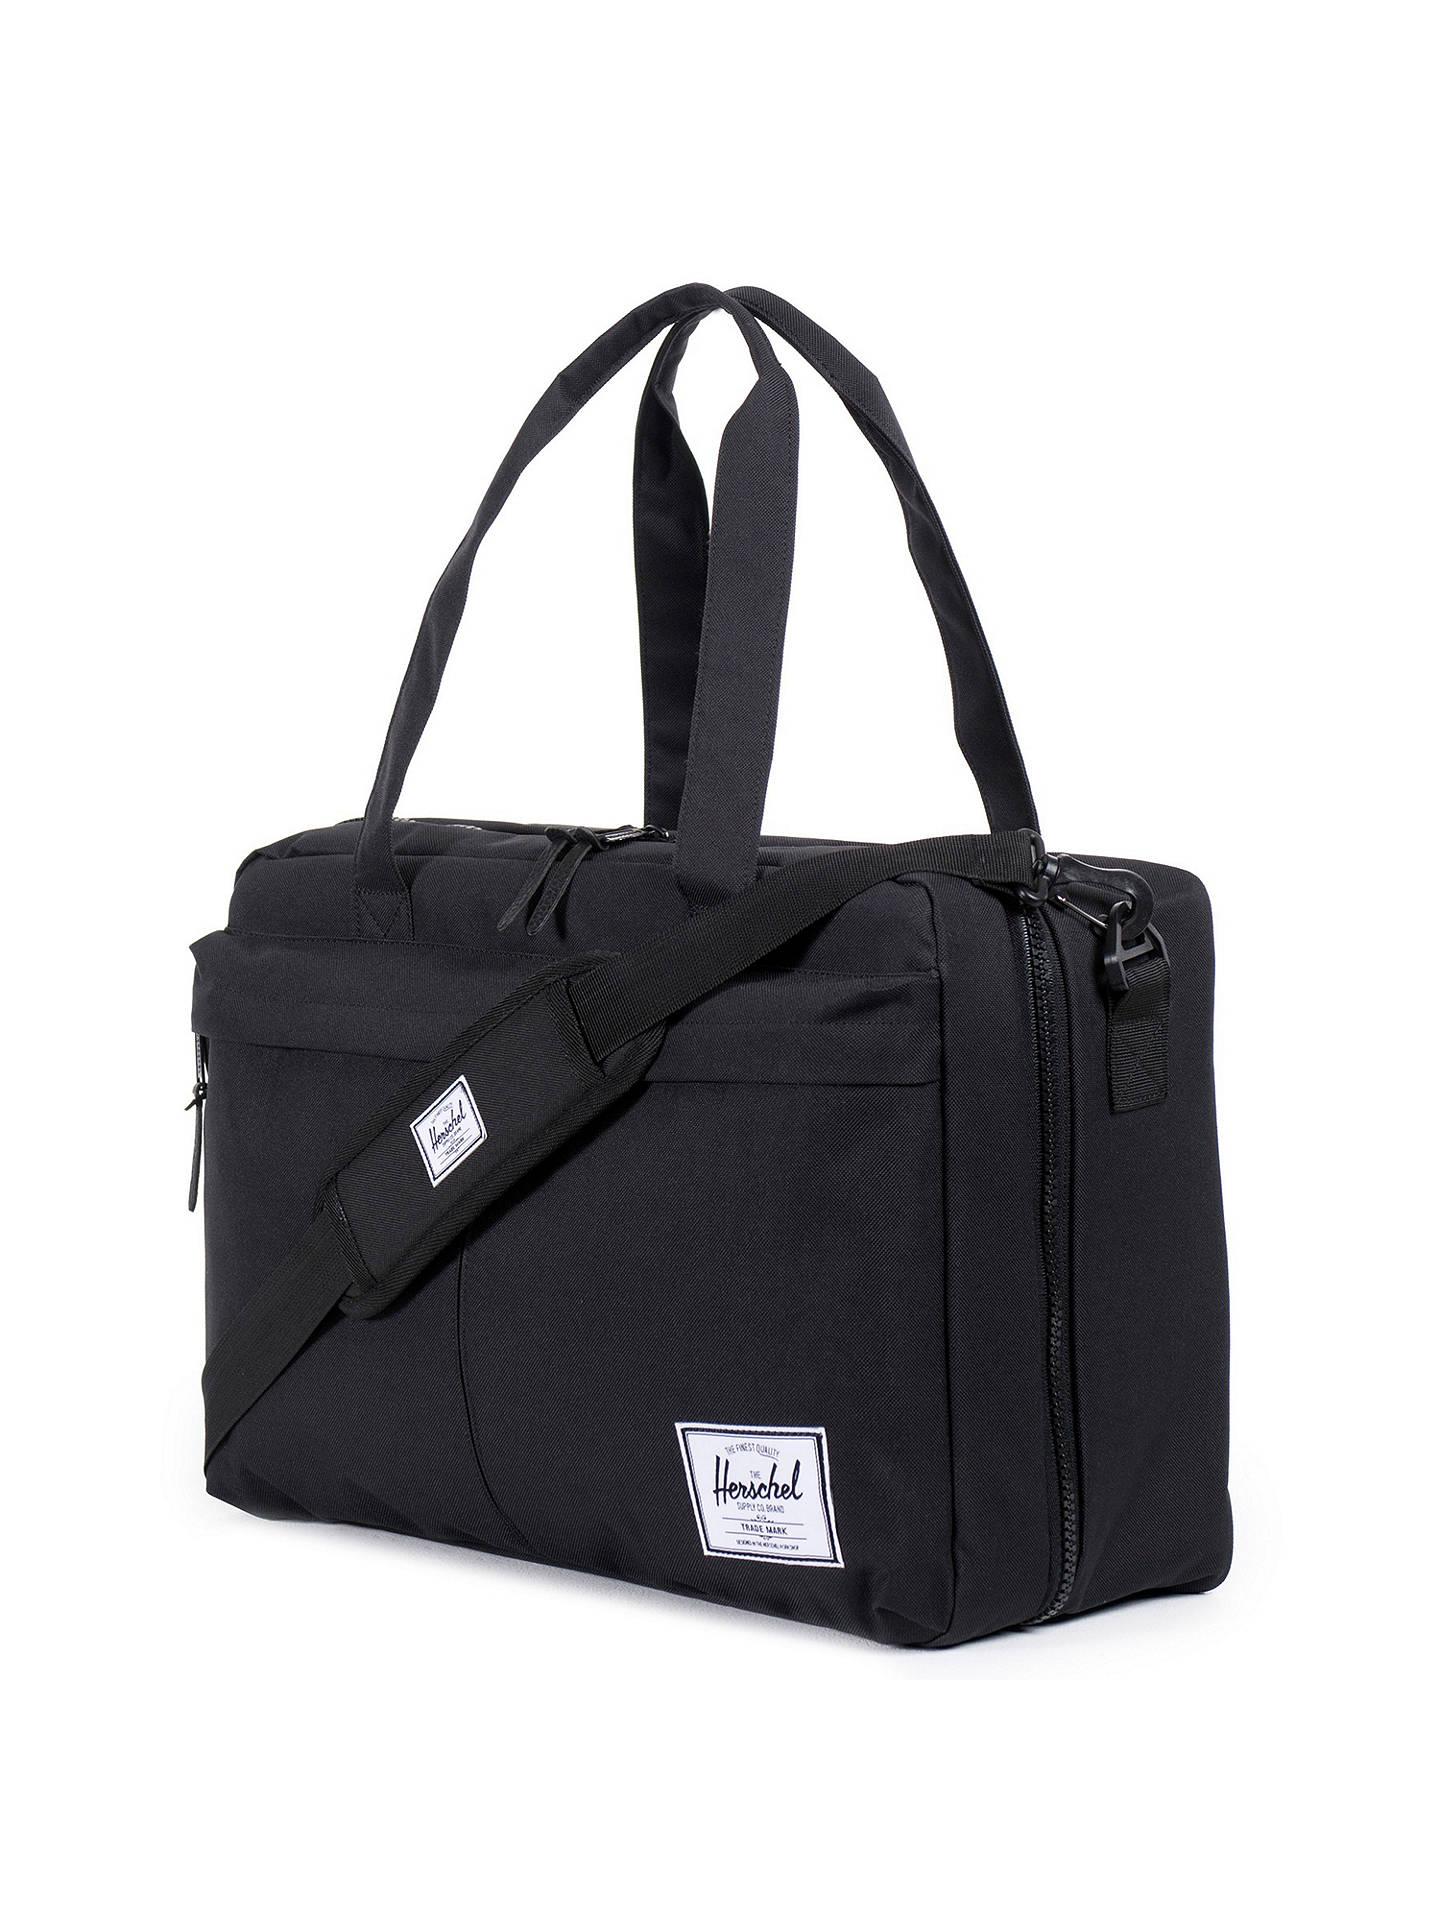 24b6c32cf9 ... Buy Herschel Supply Co. Bowen Travel Duffle Bag